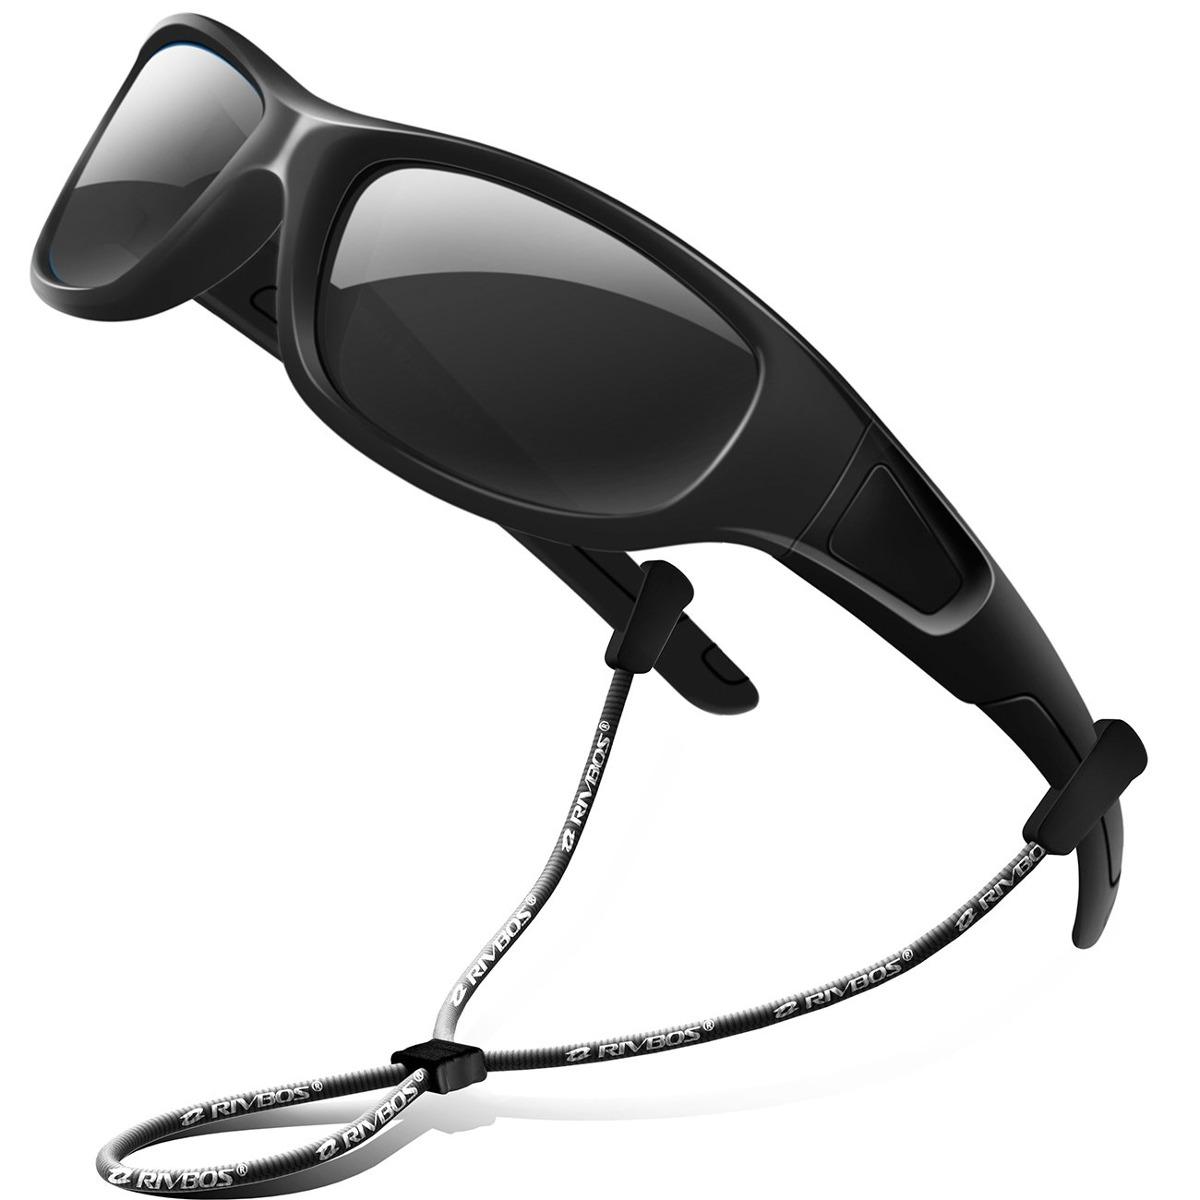 Polarizadas Rivbos Sol 42 De Con Gafas Rubber Kids Par s U BrdCxoeW